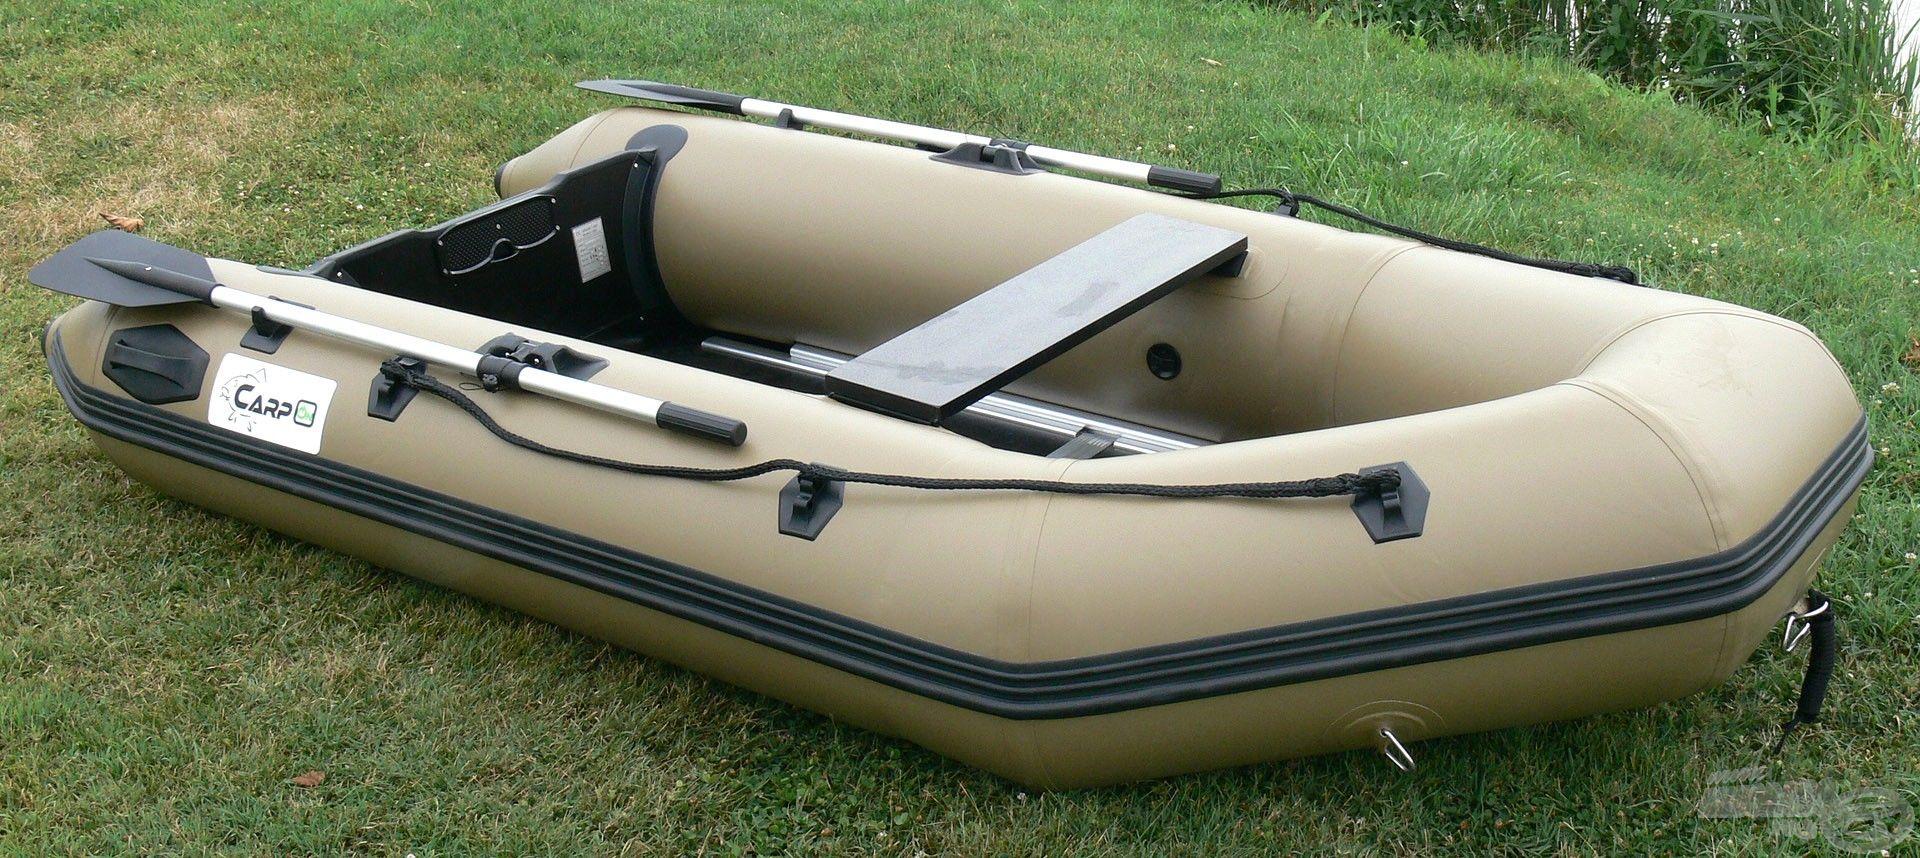 A PVC csónak kompakt kivitele és kisebb súlya bármely horgásznak kitűnő alternatívát kínál, felhasználási területtől függetlenül